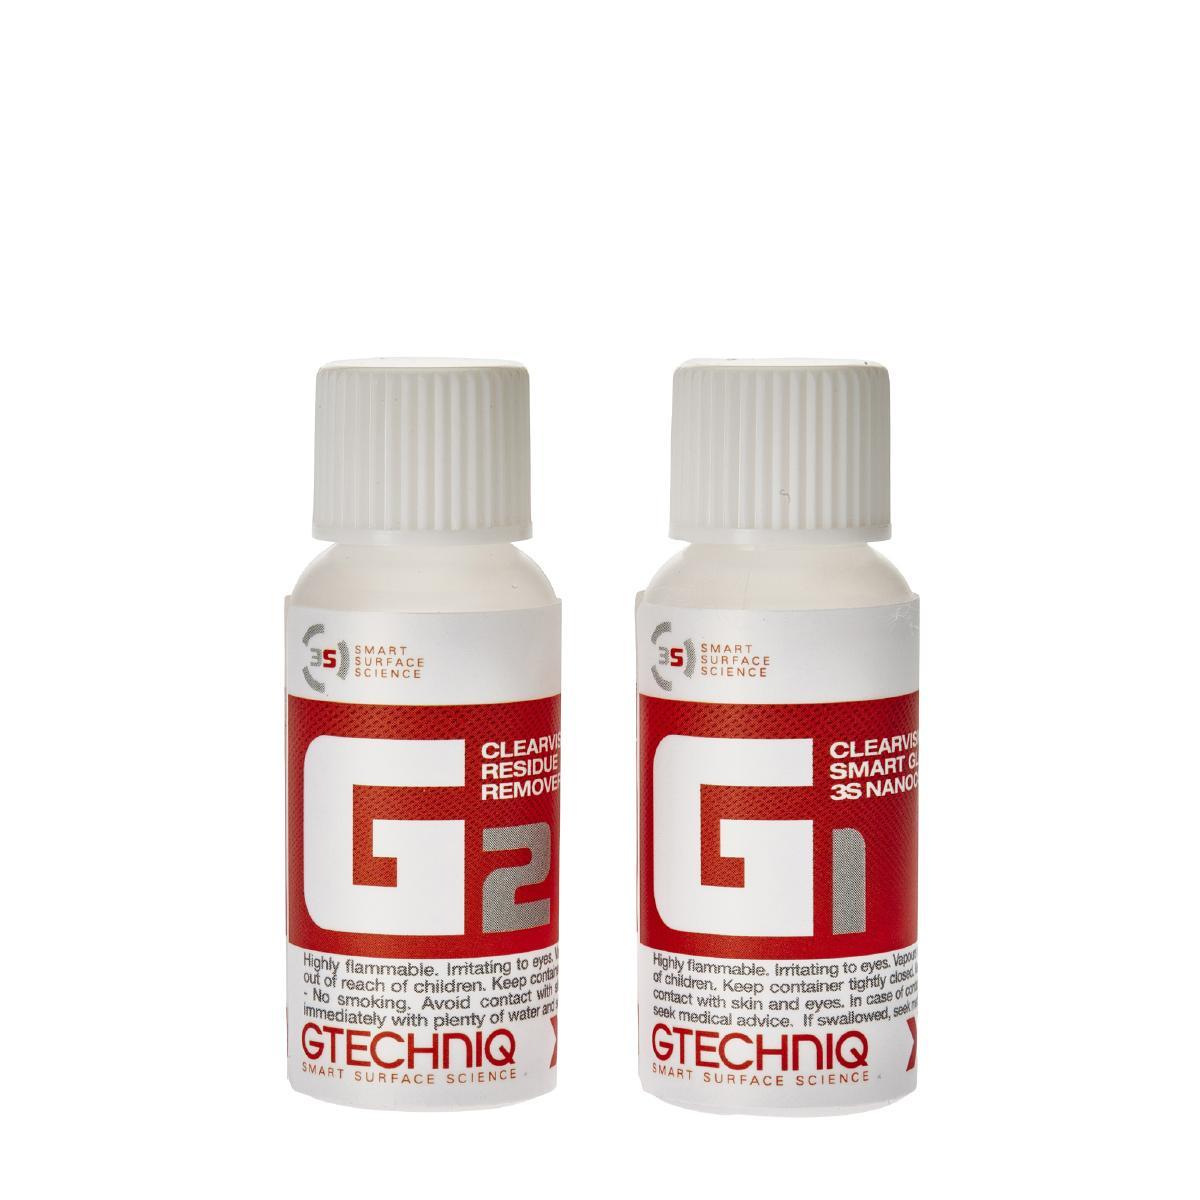 Glasförsegling Gtechniq G1 ClearVision Smart Glass, 100 ml